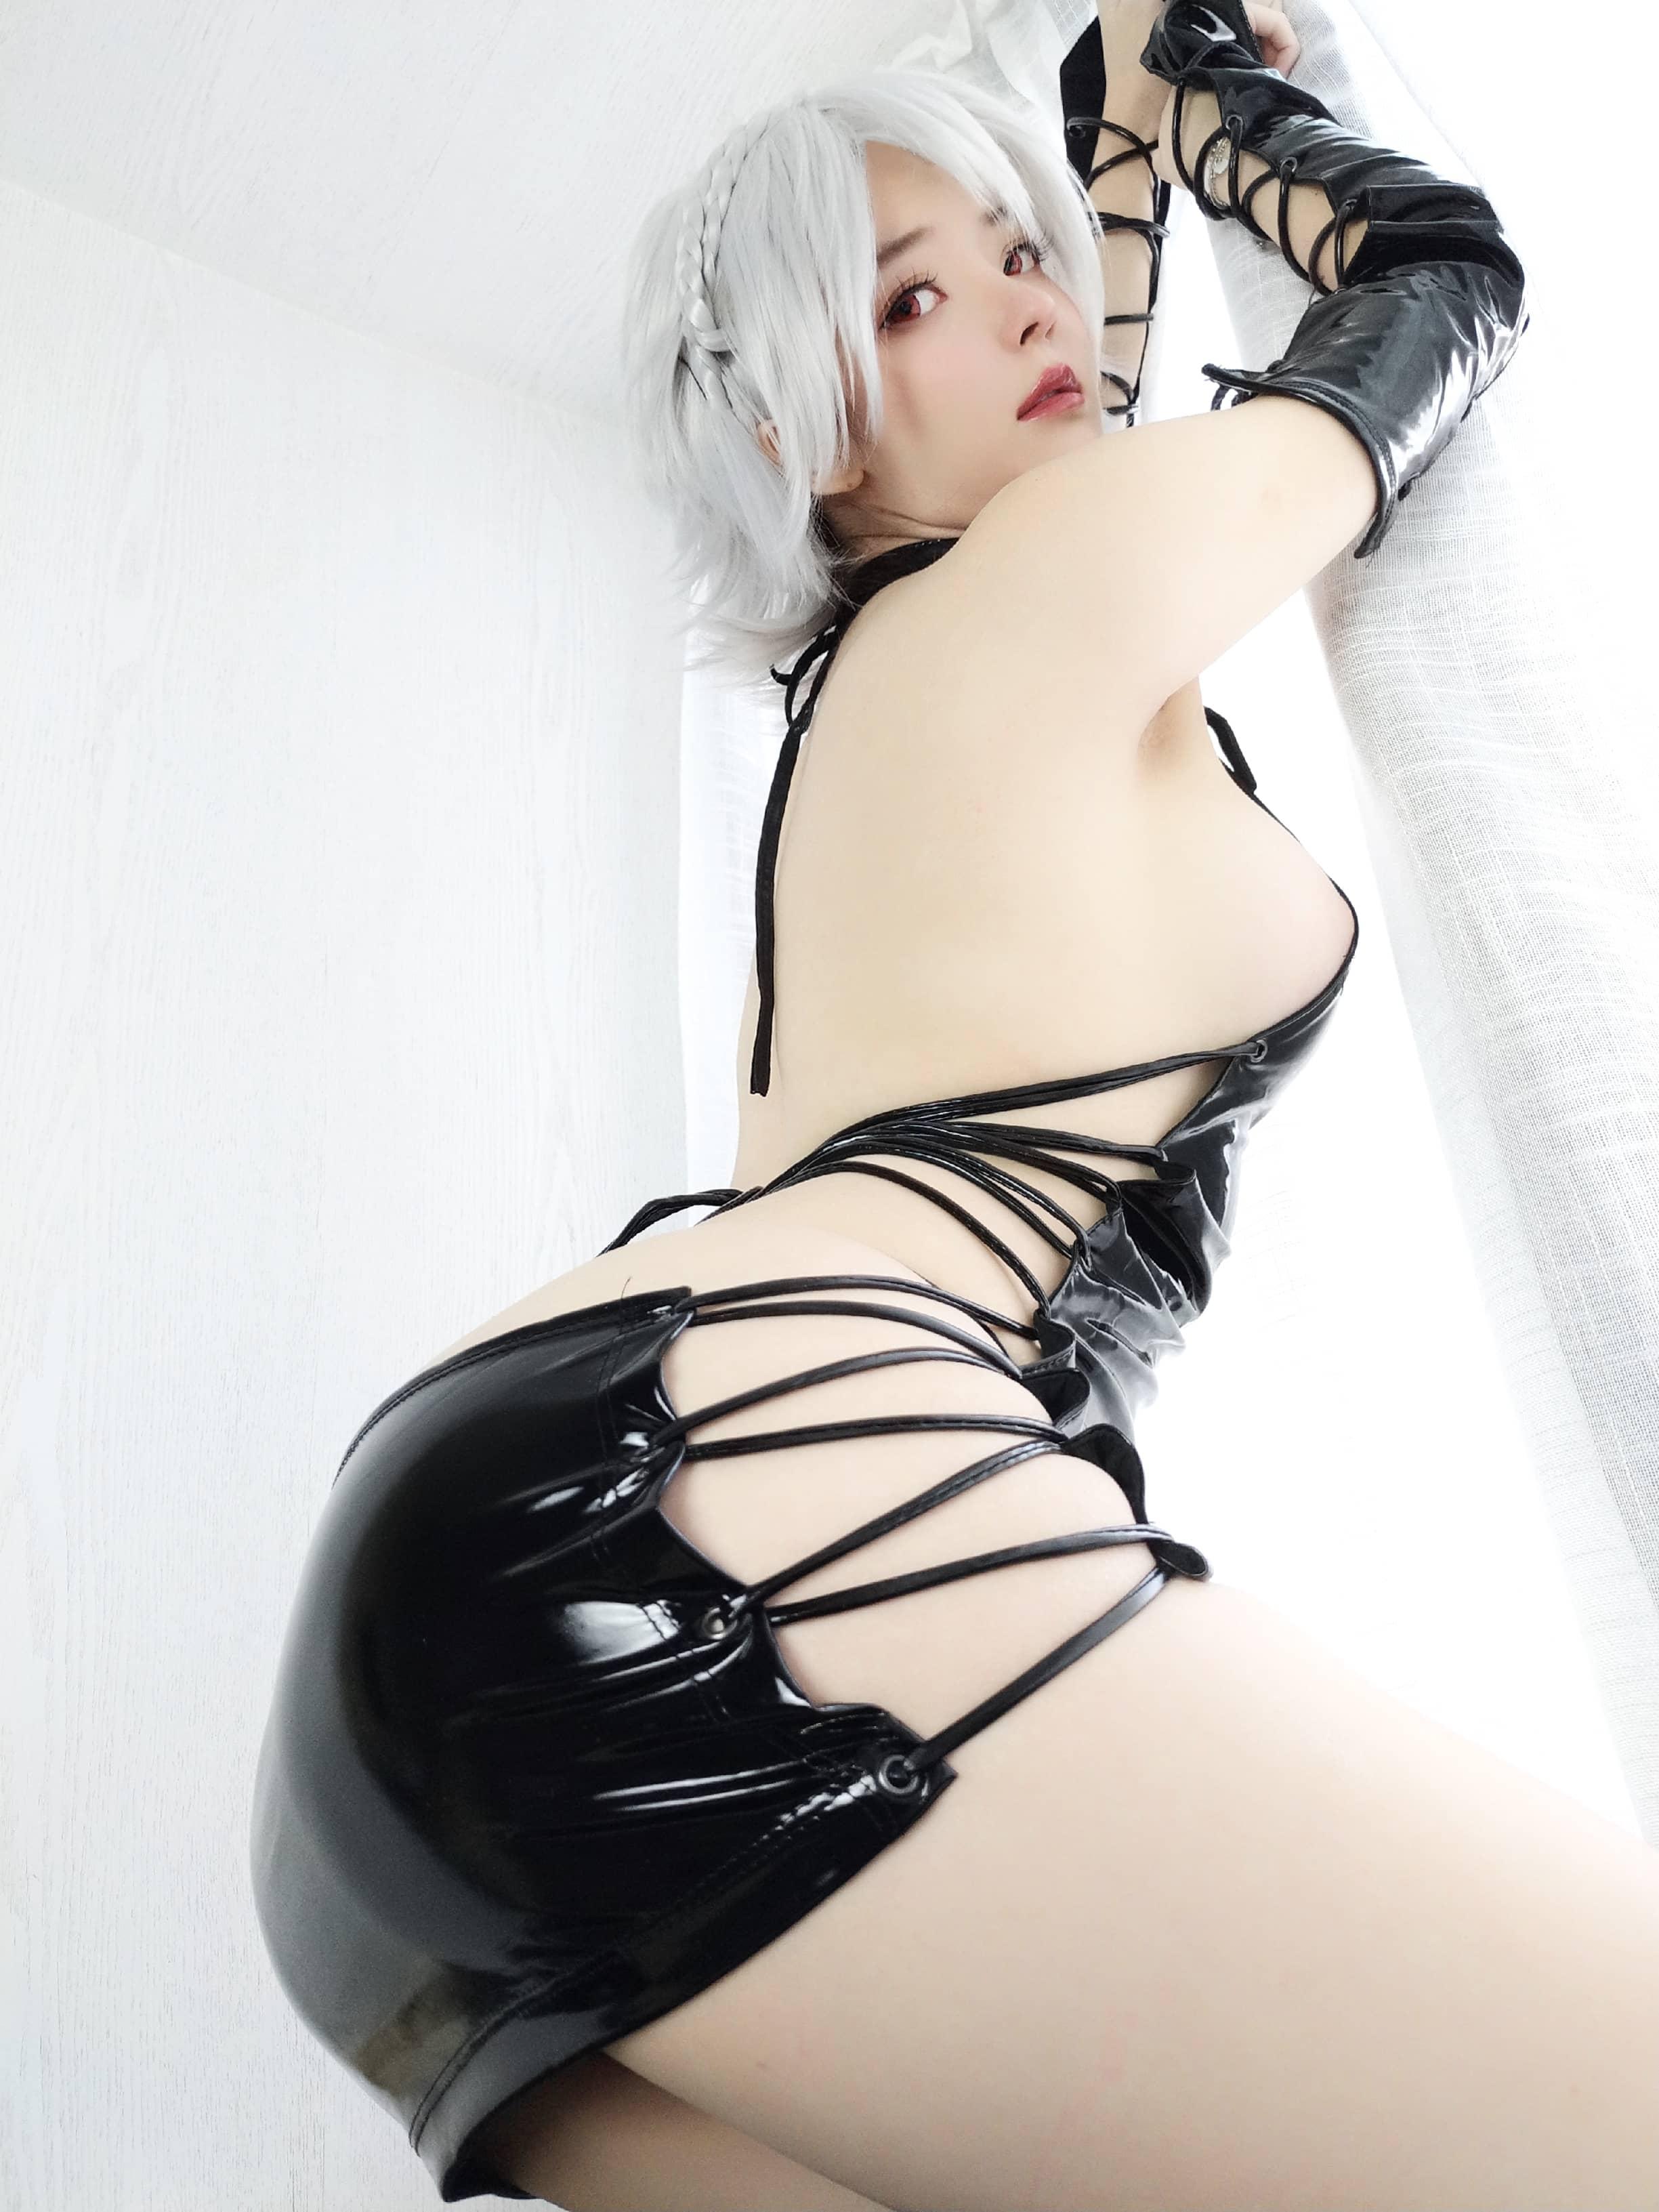 【一小央泽】微博红人cosplay鬼武作品 次元美图